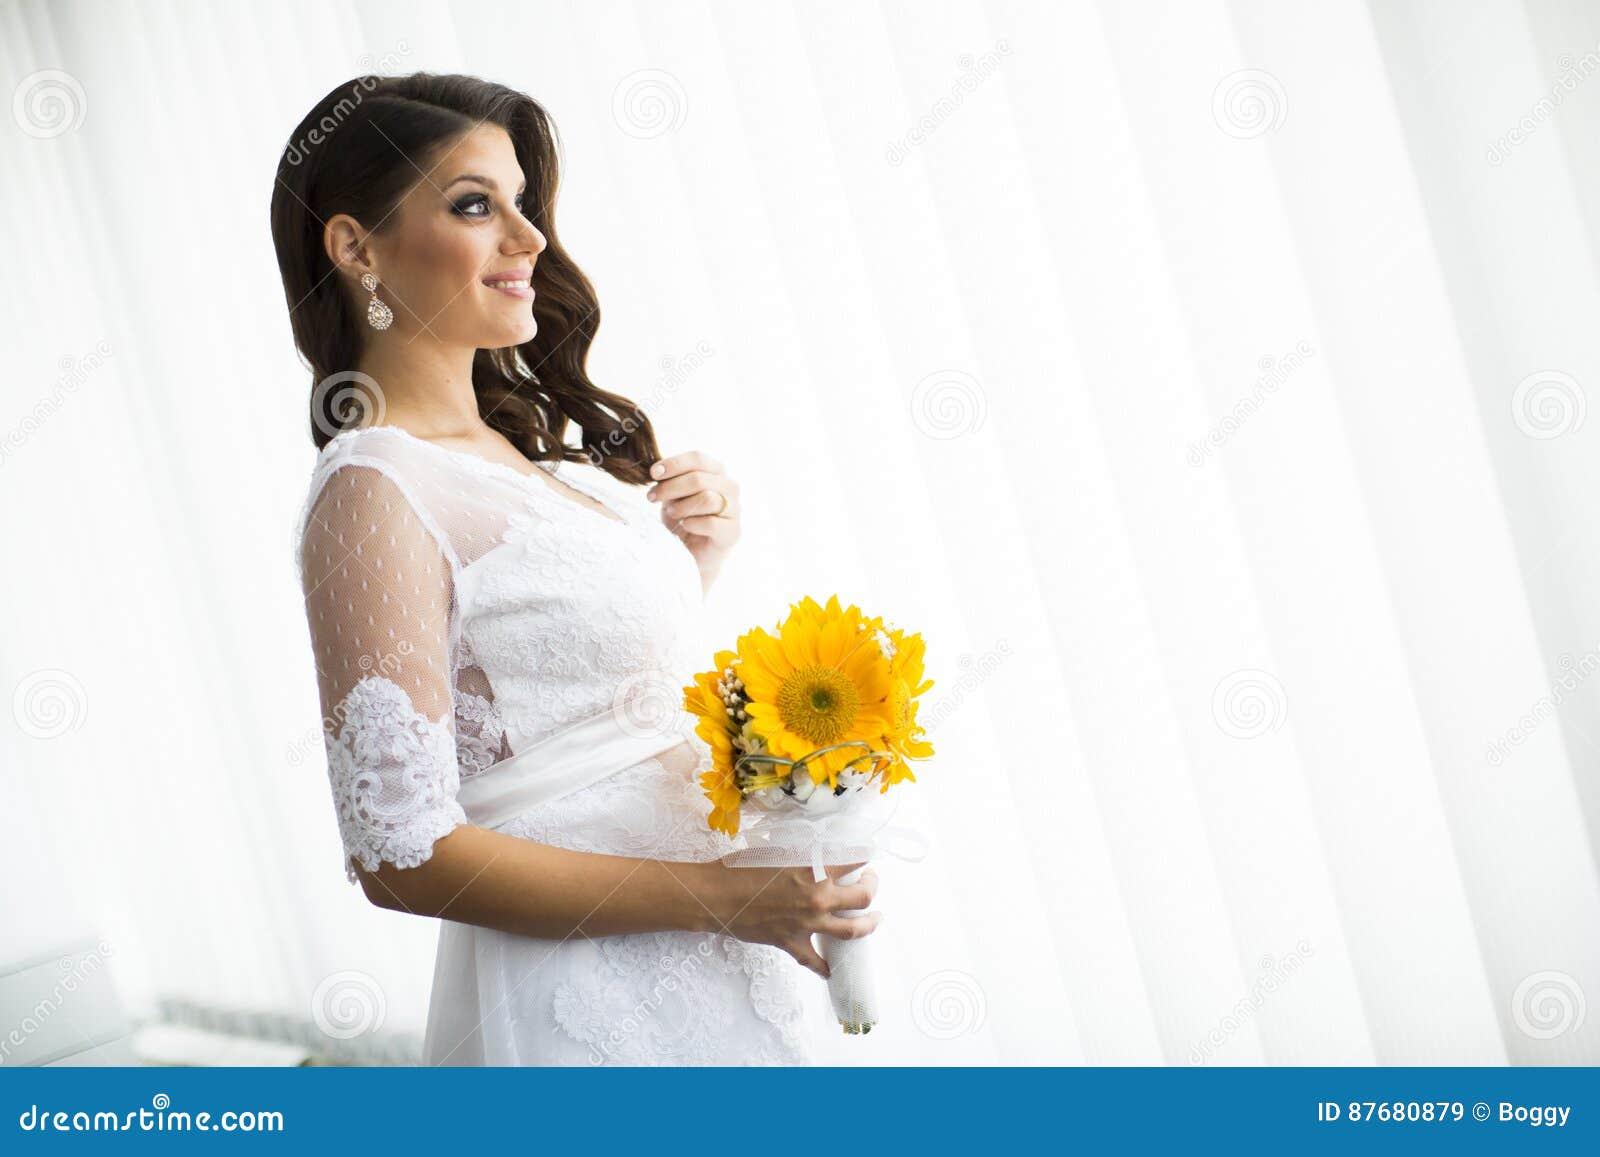 81e269066 Novia Embarazada Con Un Ramo De Girasoles Imagen de archivo - Imagen ...